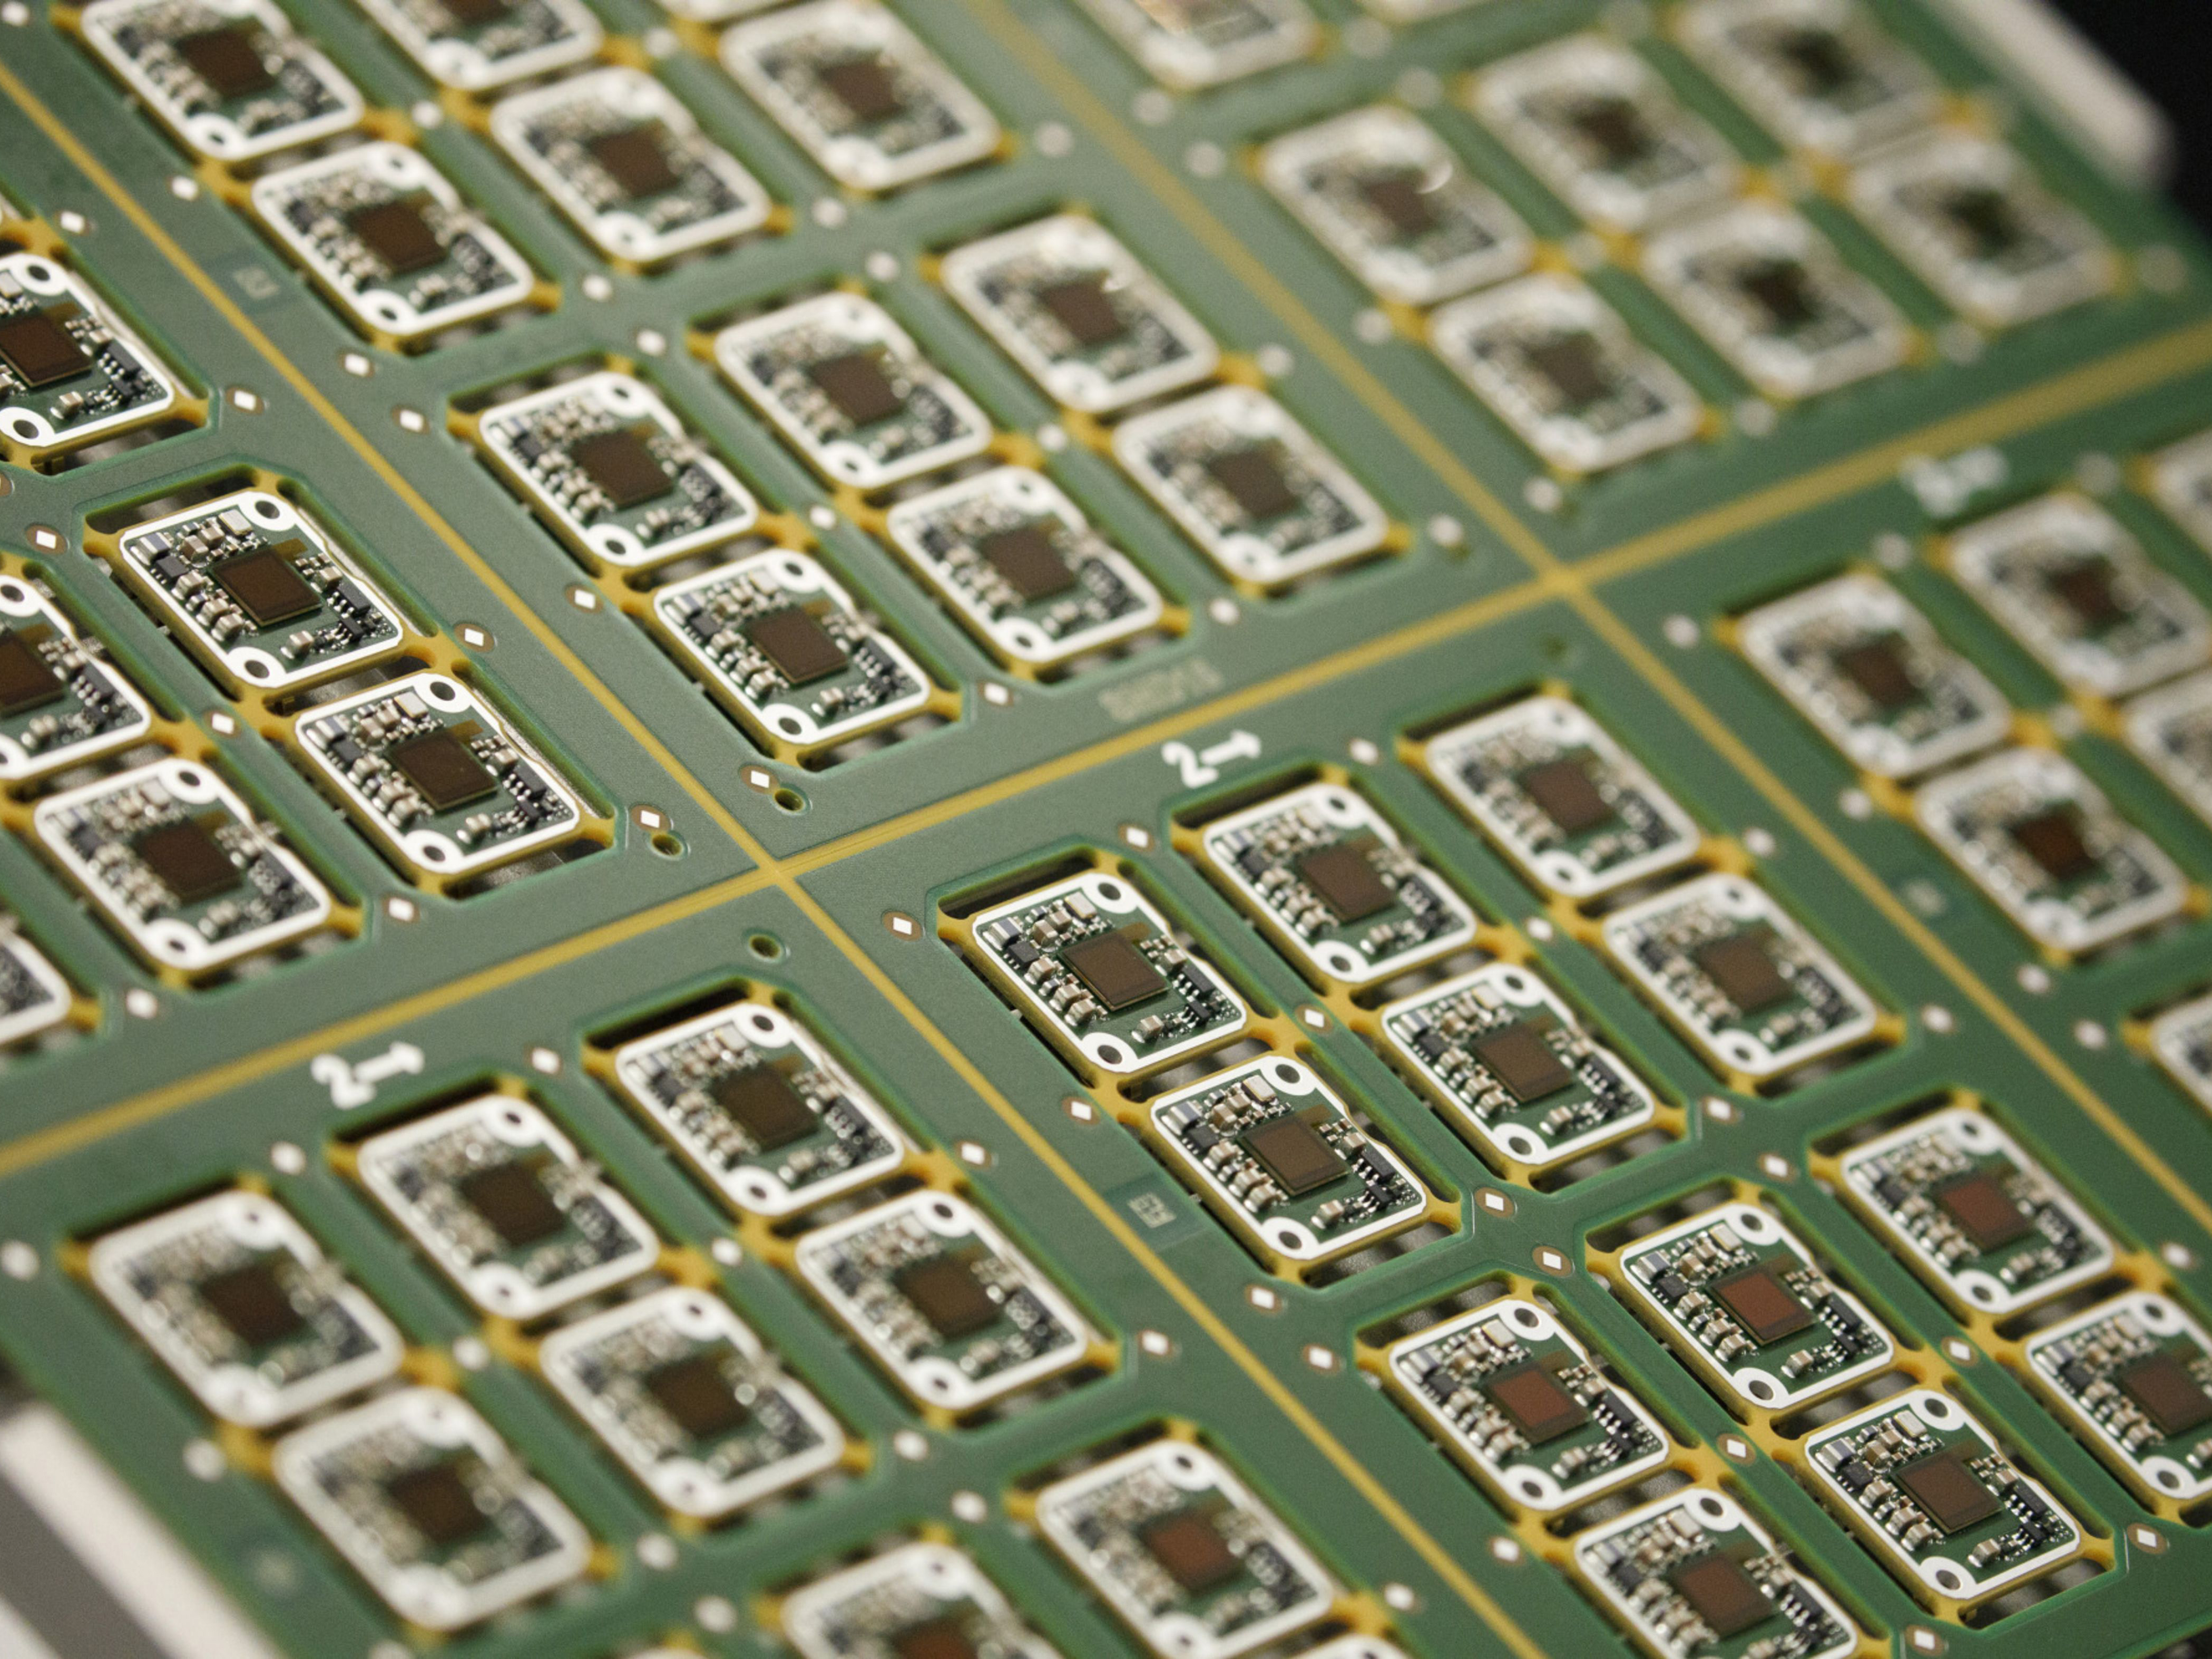 sensor circuits